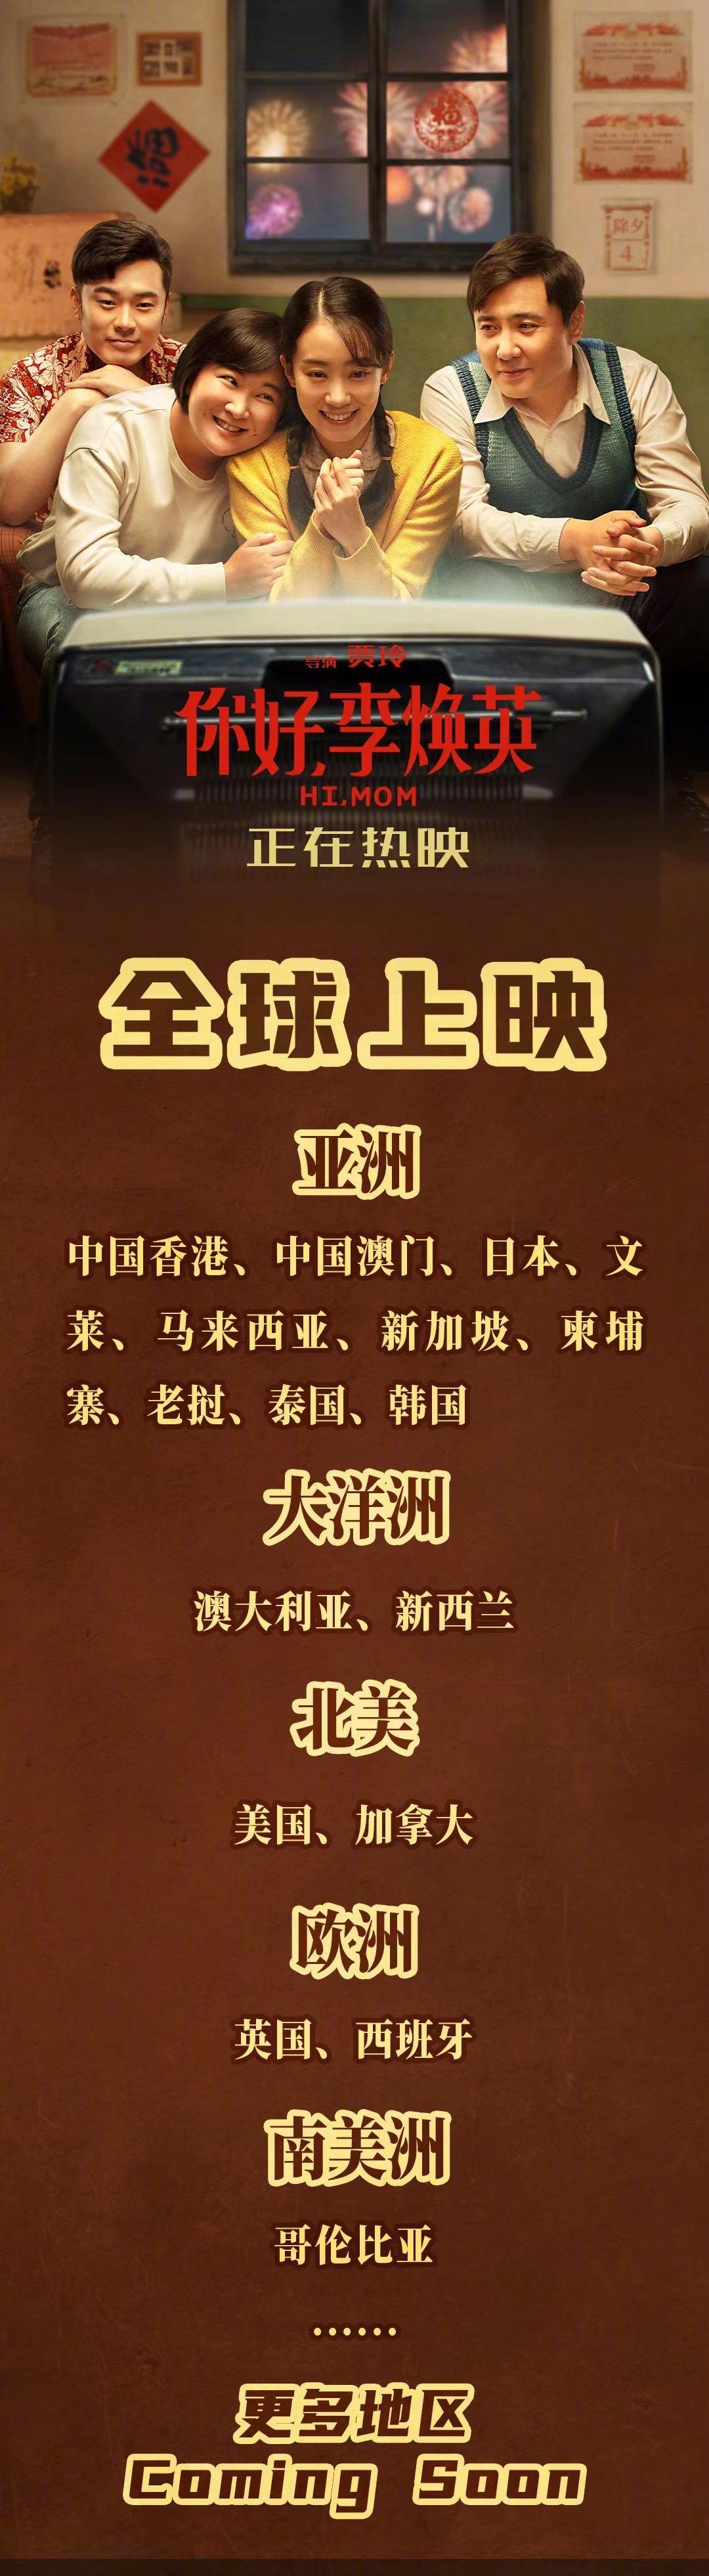 你好李焕英即将全球上映 这是要走向全球的节奏啊